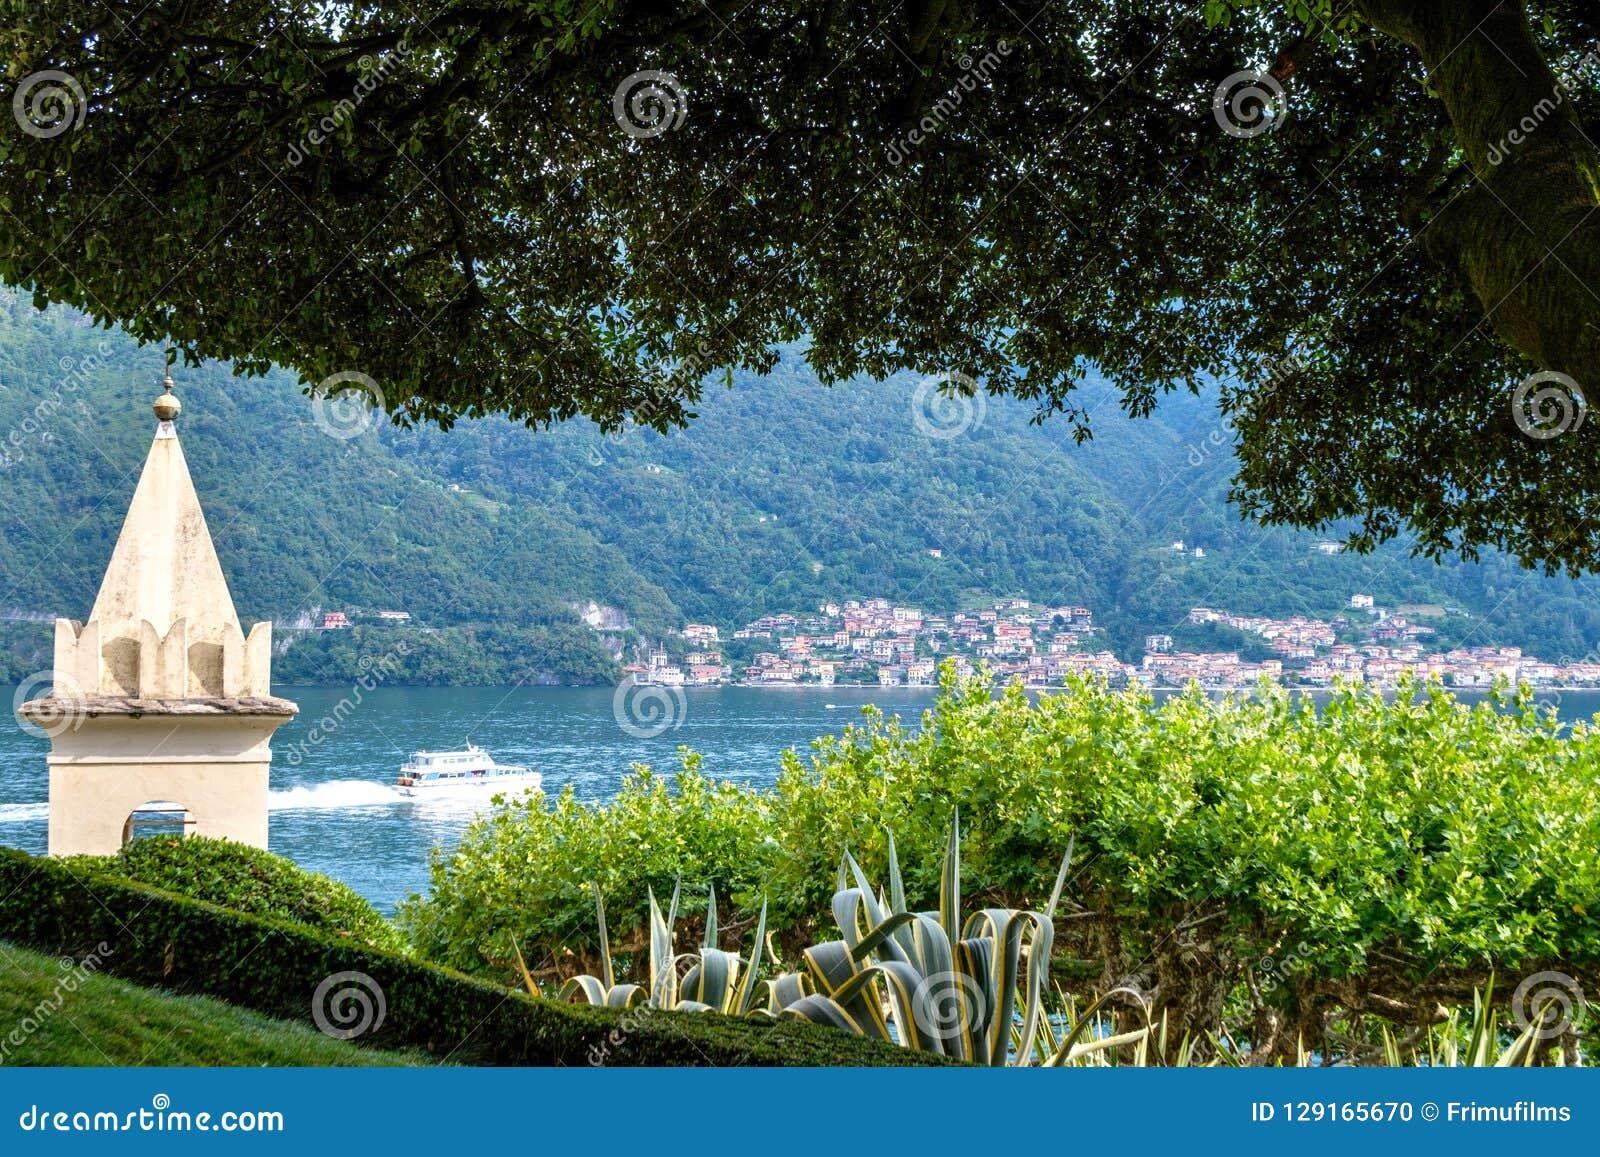 Lake Como from Villa del Balbianello view